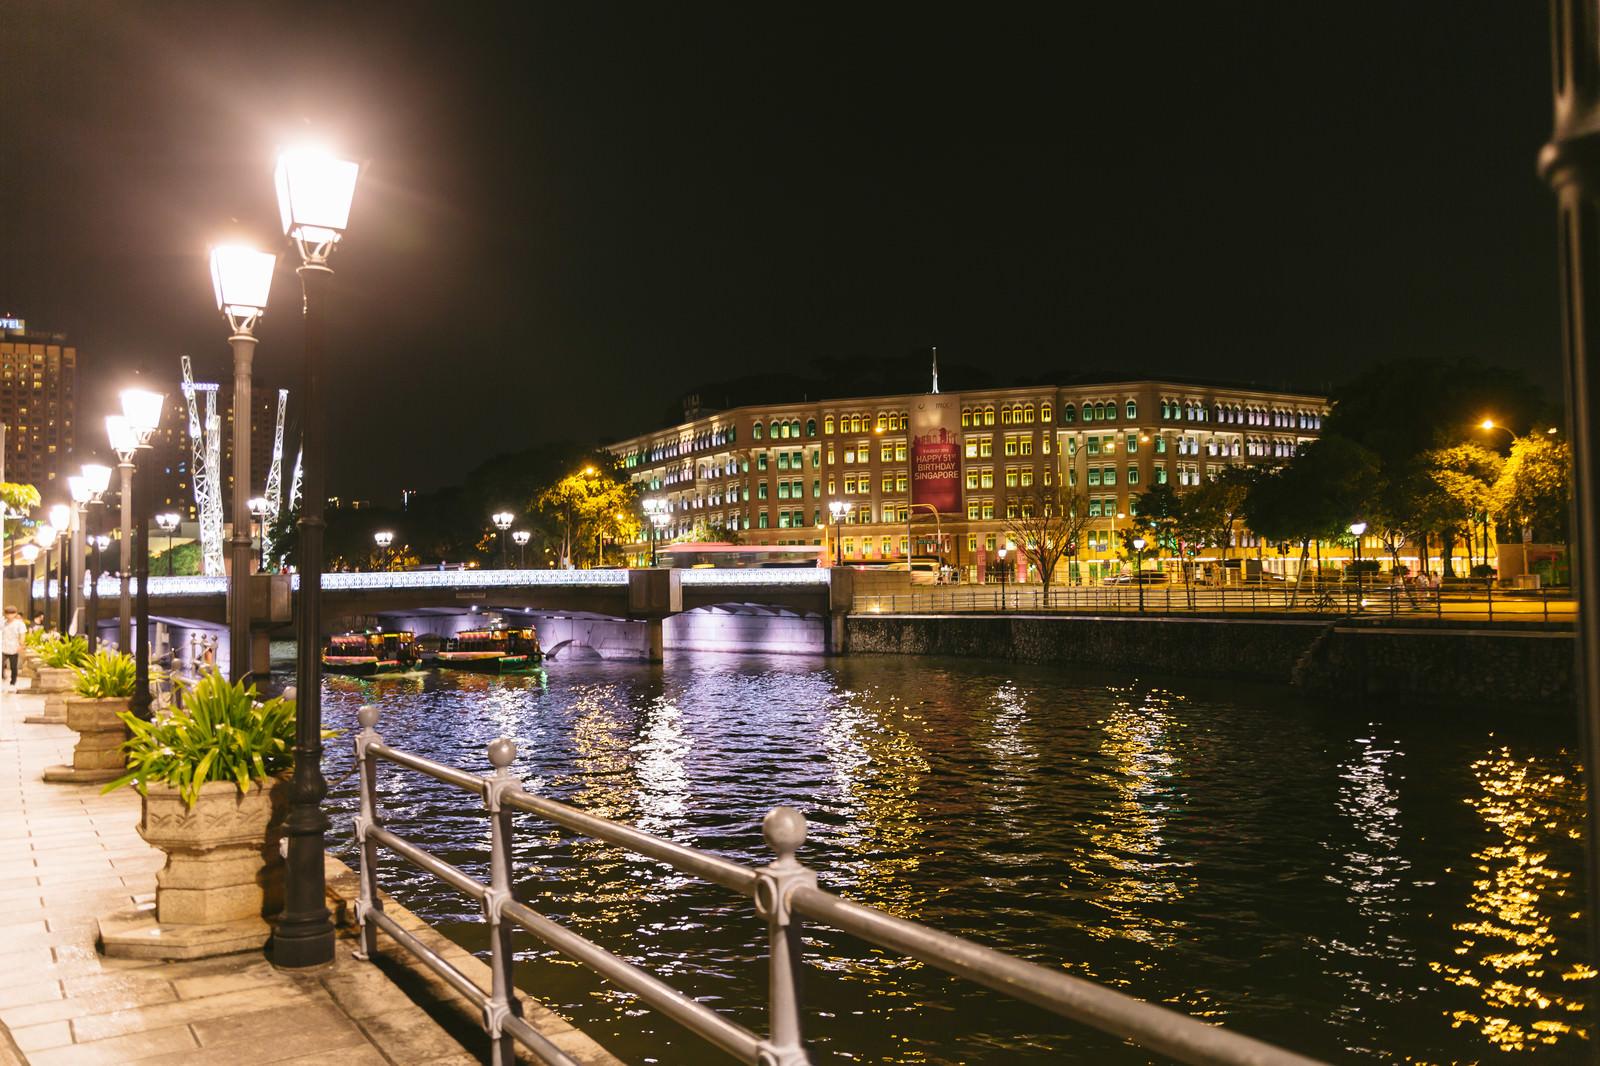 「ライトアップされたシンガポールの観光地 | 写真の無料素材・フリー素材 - ぱくたそ」の写真